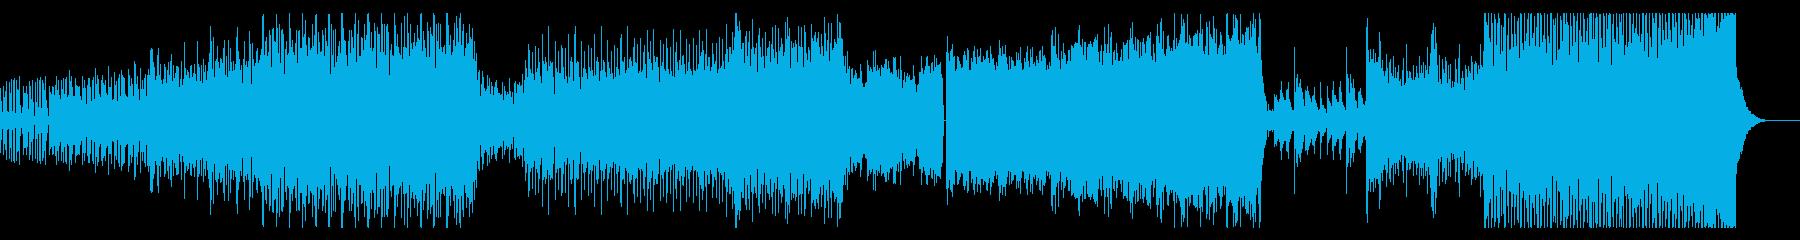 力強いハードオーケストラ(一部声入り)の再生済みの波形